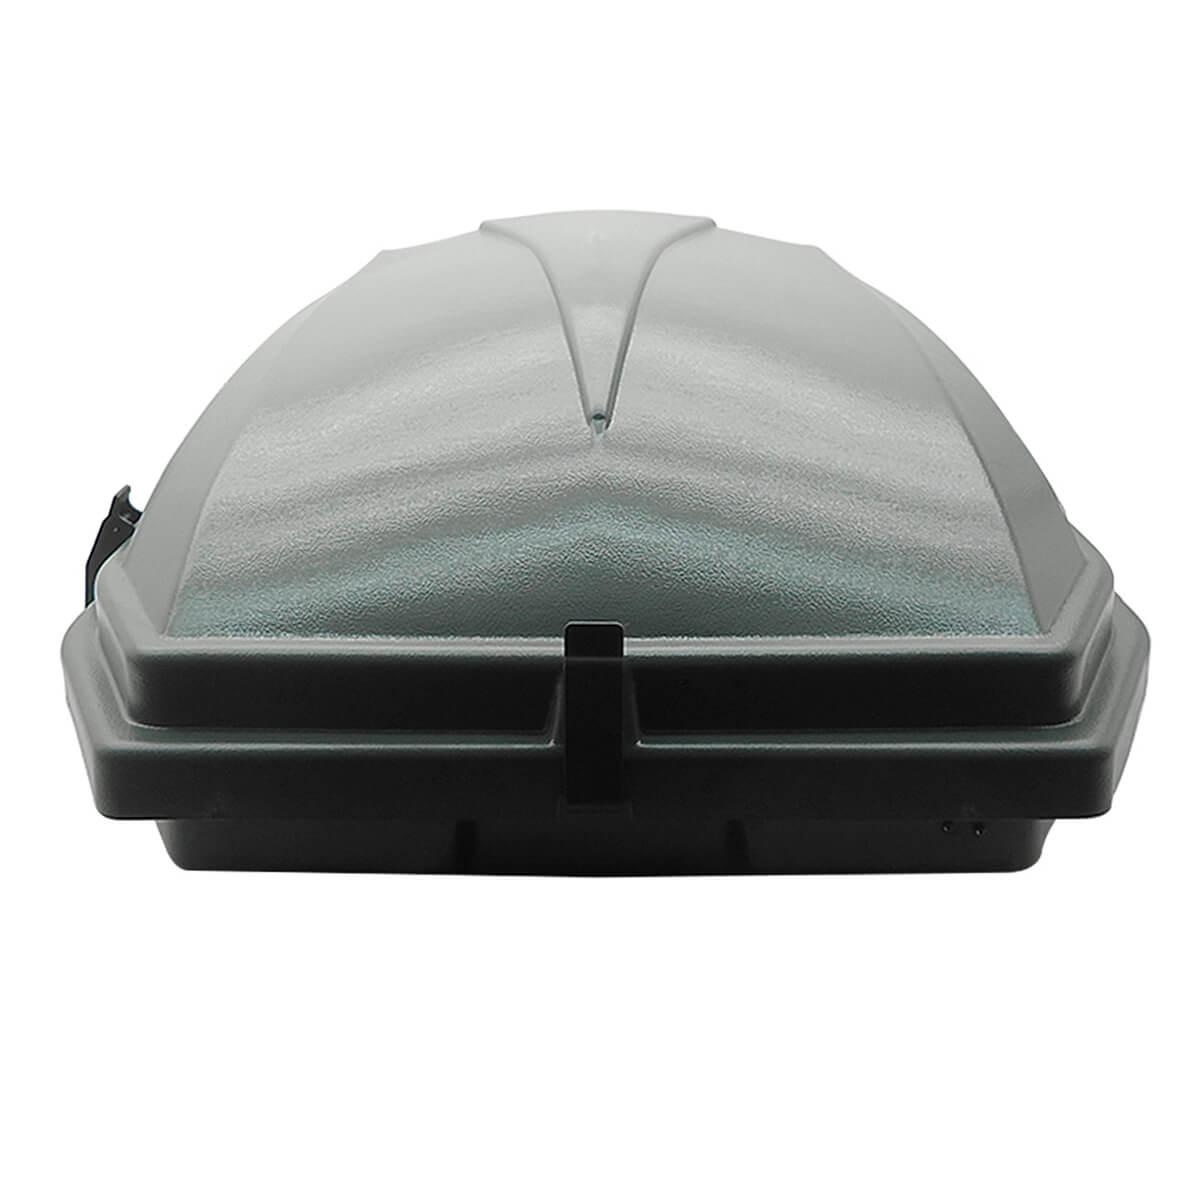 Bagageiro de teto maleiro com chave 270 litros cinza